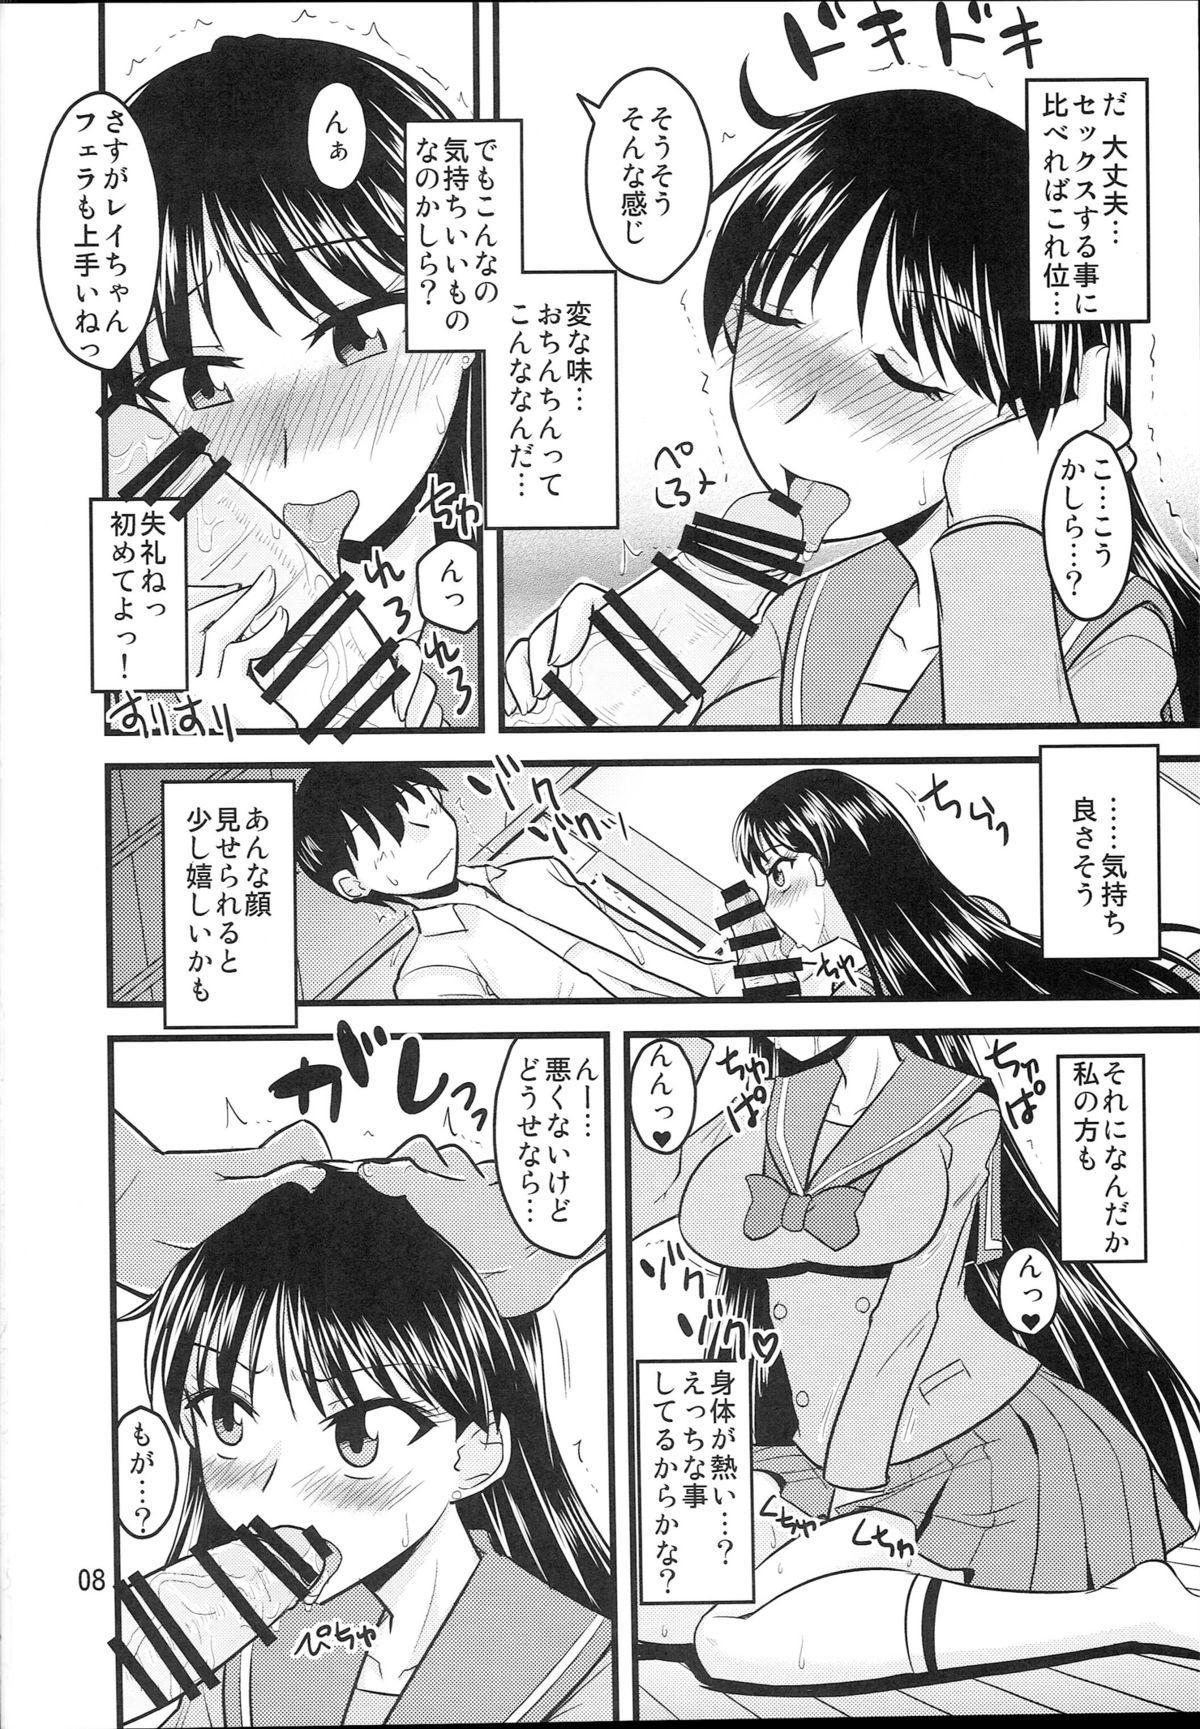 Kayou no Musume 6